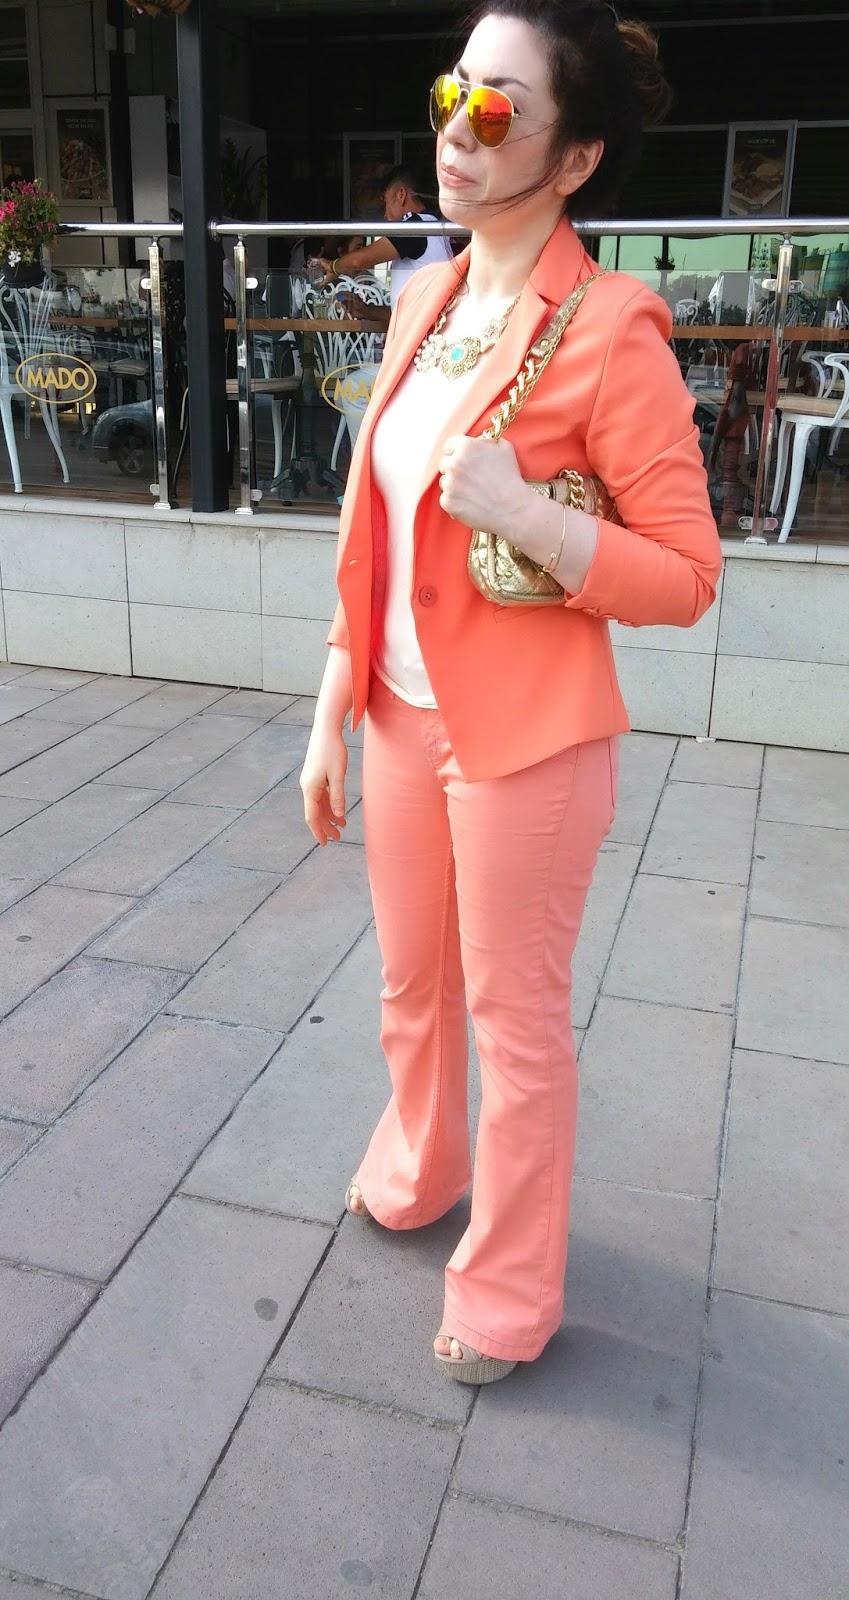 http://www.nilgunozenaydin.com-moda bloggerı-moda blogu-alışveriş siteleri-yabancı alışveriş siteleri